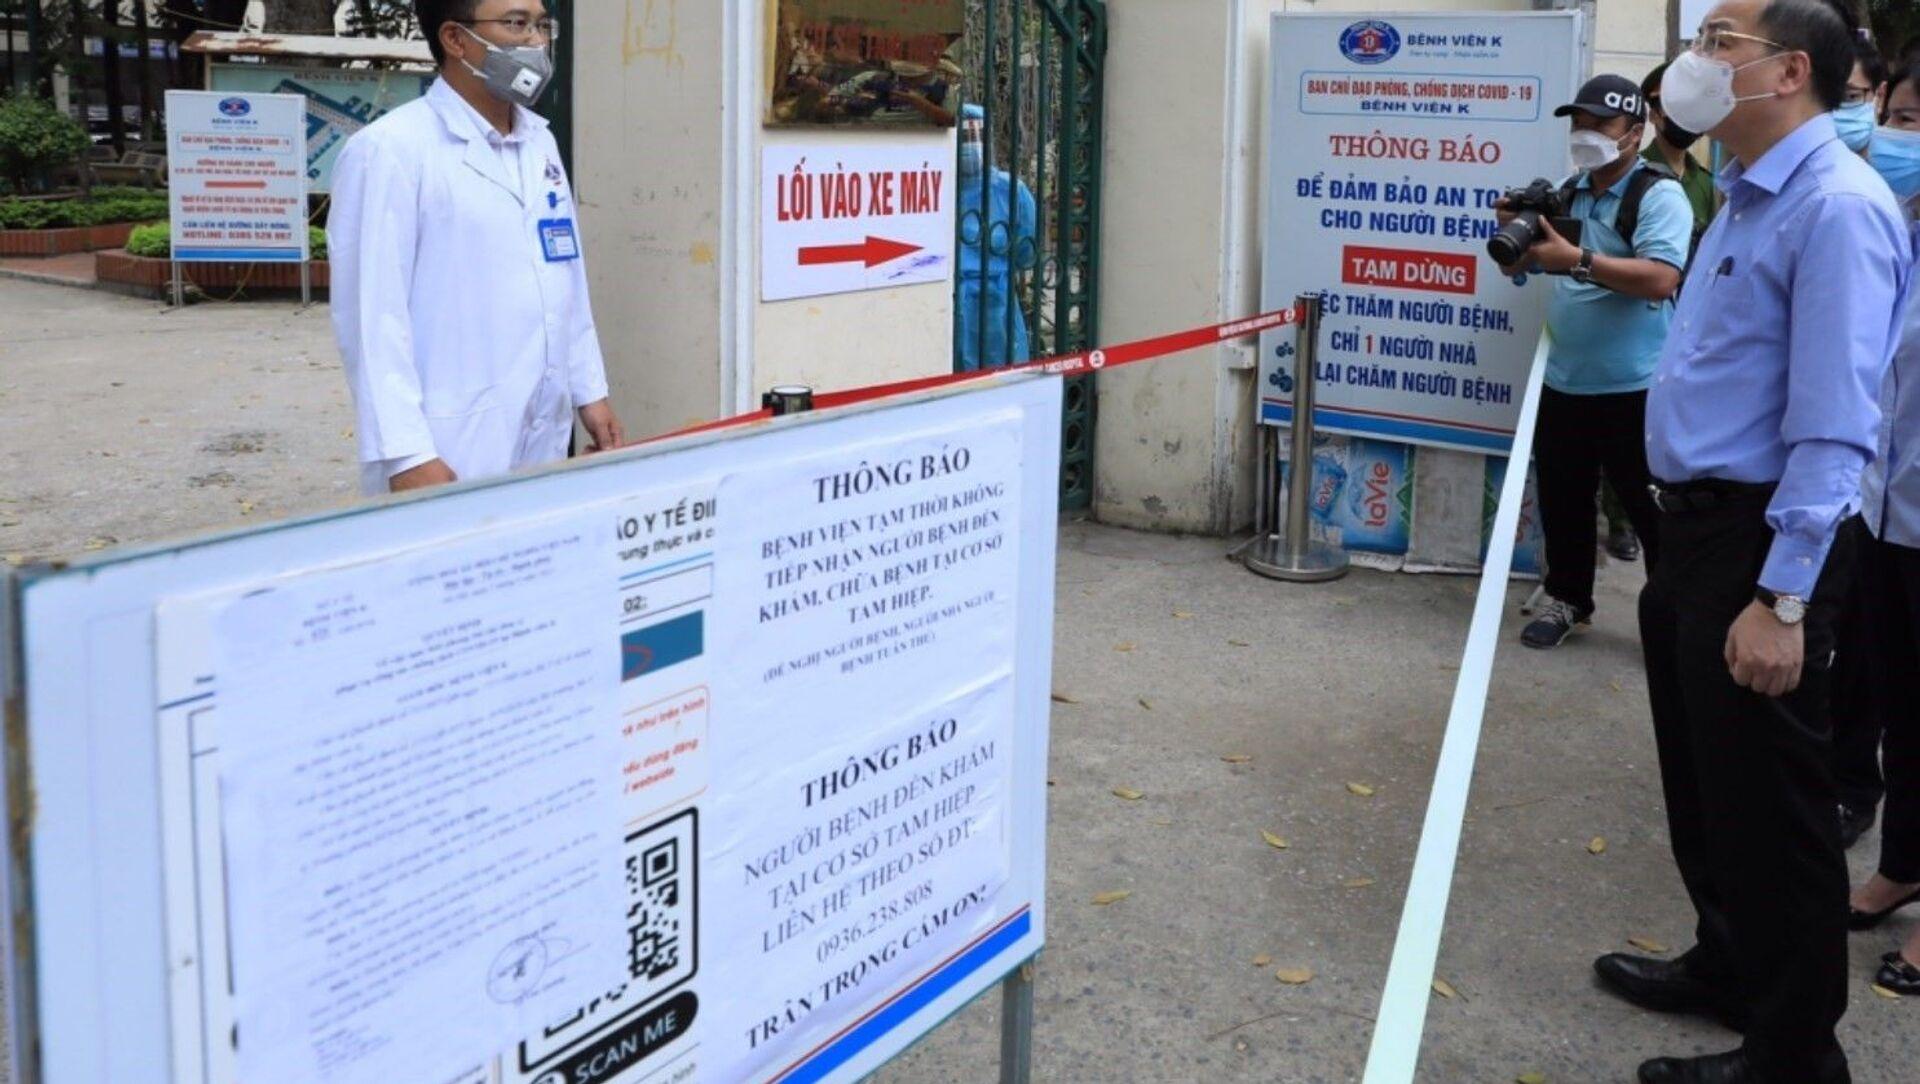 Chủ tịch Hà Nội Chu Ngọc Anh kiểm tra công tác phòng, chống dịch COVID-19 tại Bệnh viện K cơ sở Tân Triều - Sputnik Việt Nam, 1920, 07.05.2021